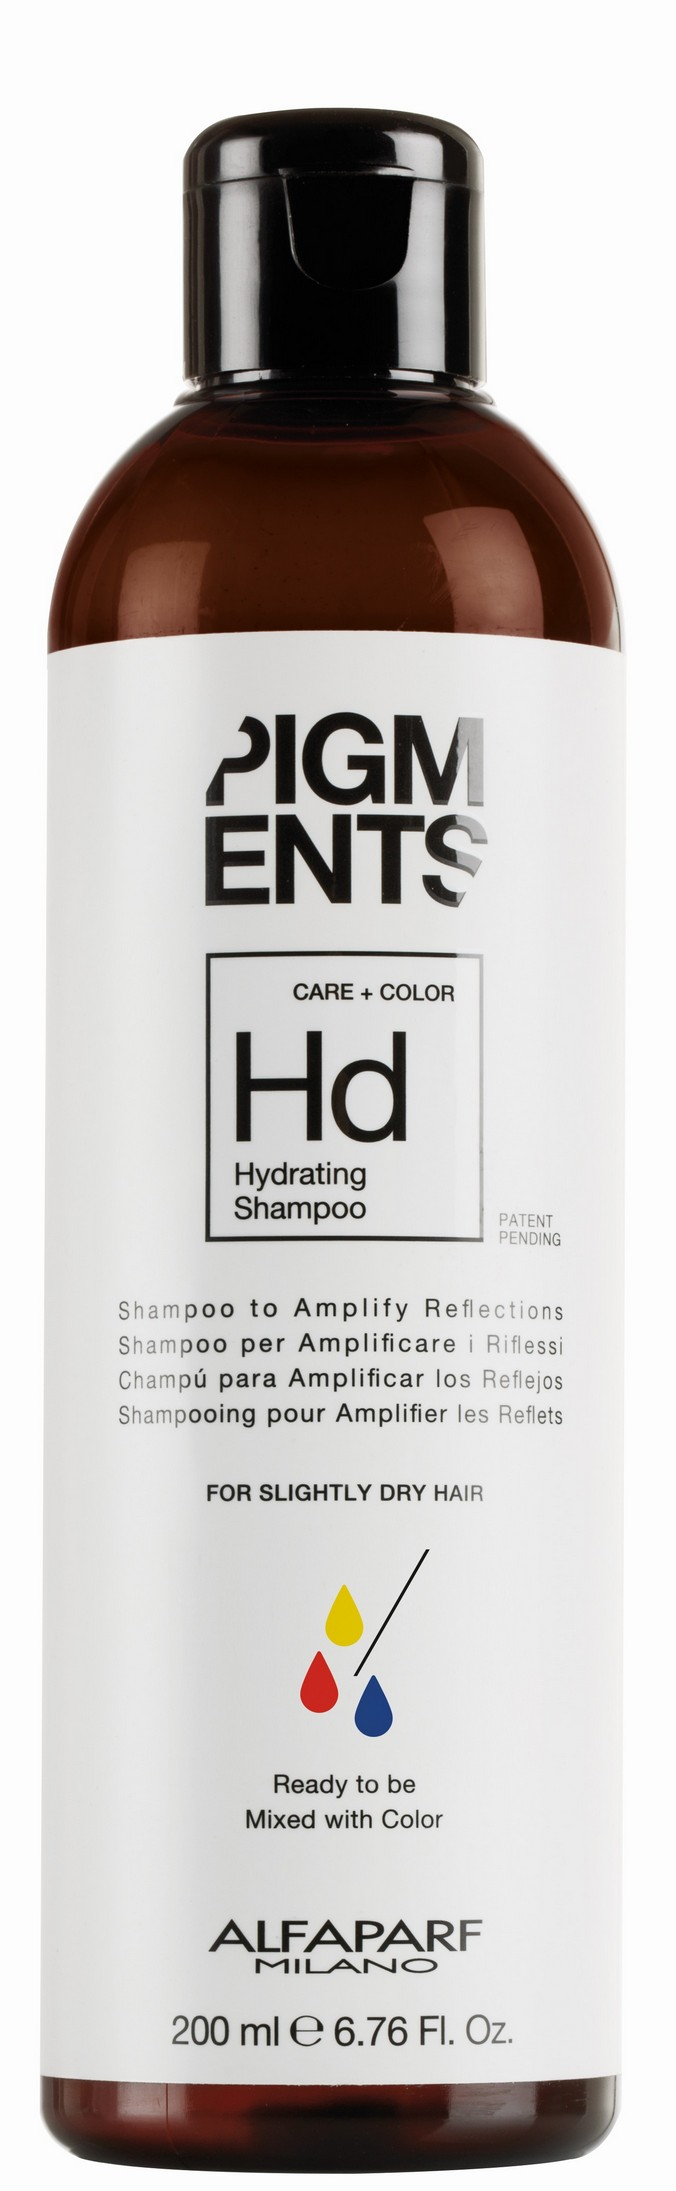 Купить ALFAPARF MILANO Шампунь увлажняющий для слегка сухих волос / PIGMENTS Hydrating shampoo 200 мл